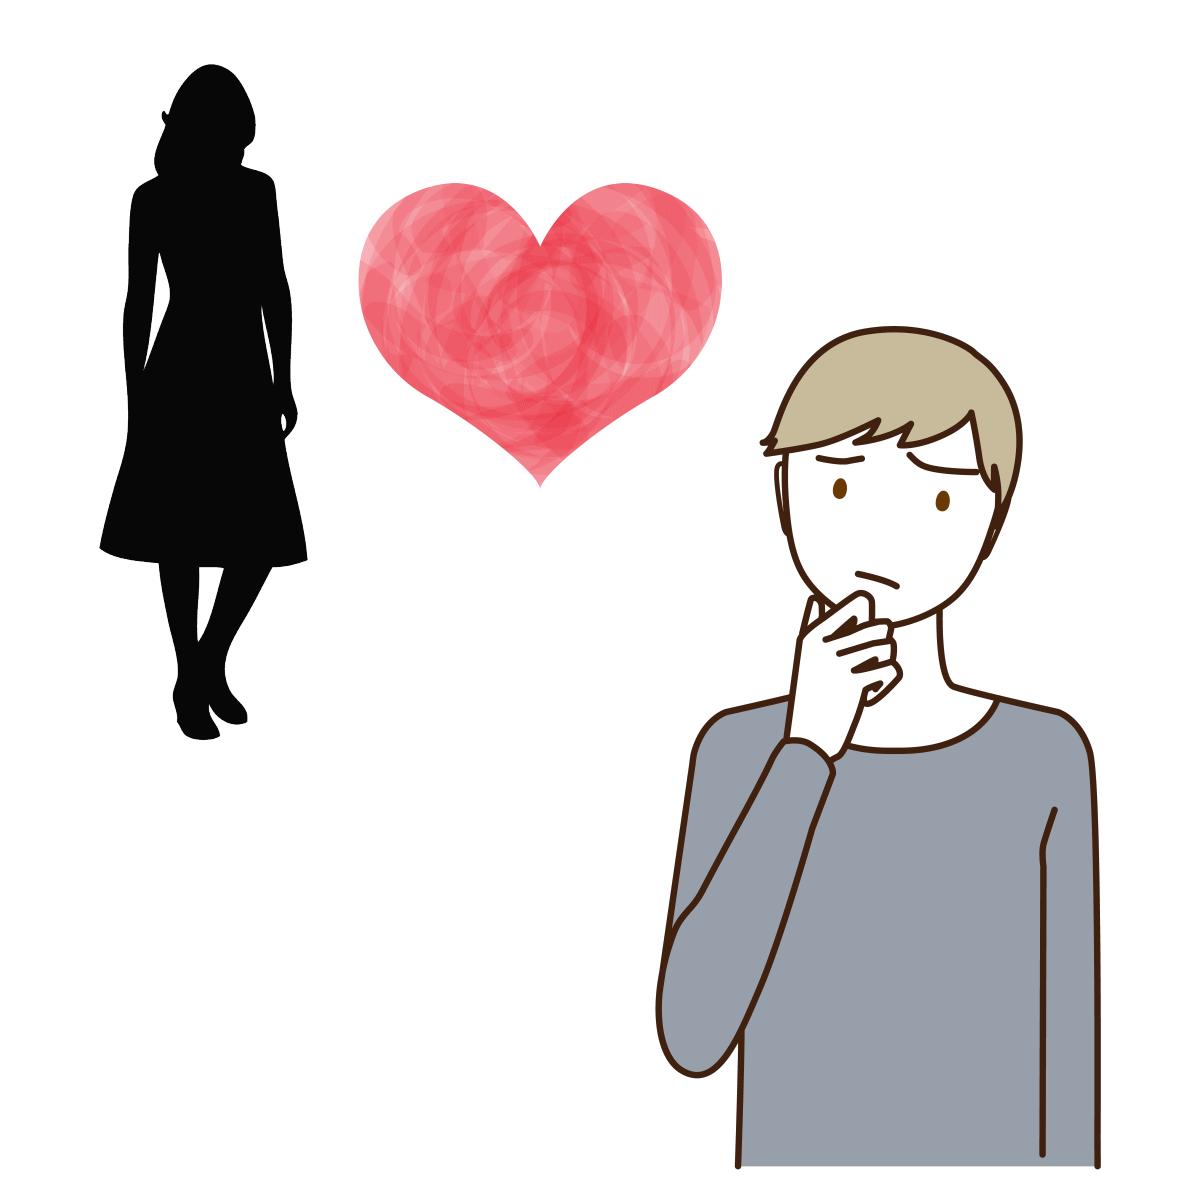 毒親育ちの男性の恋愛傾向を表しているイラスト